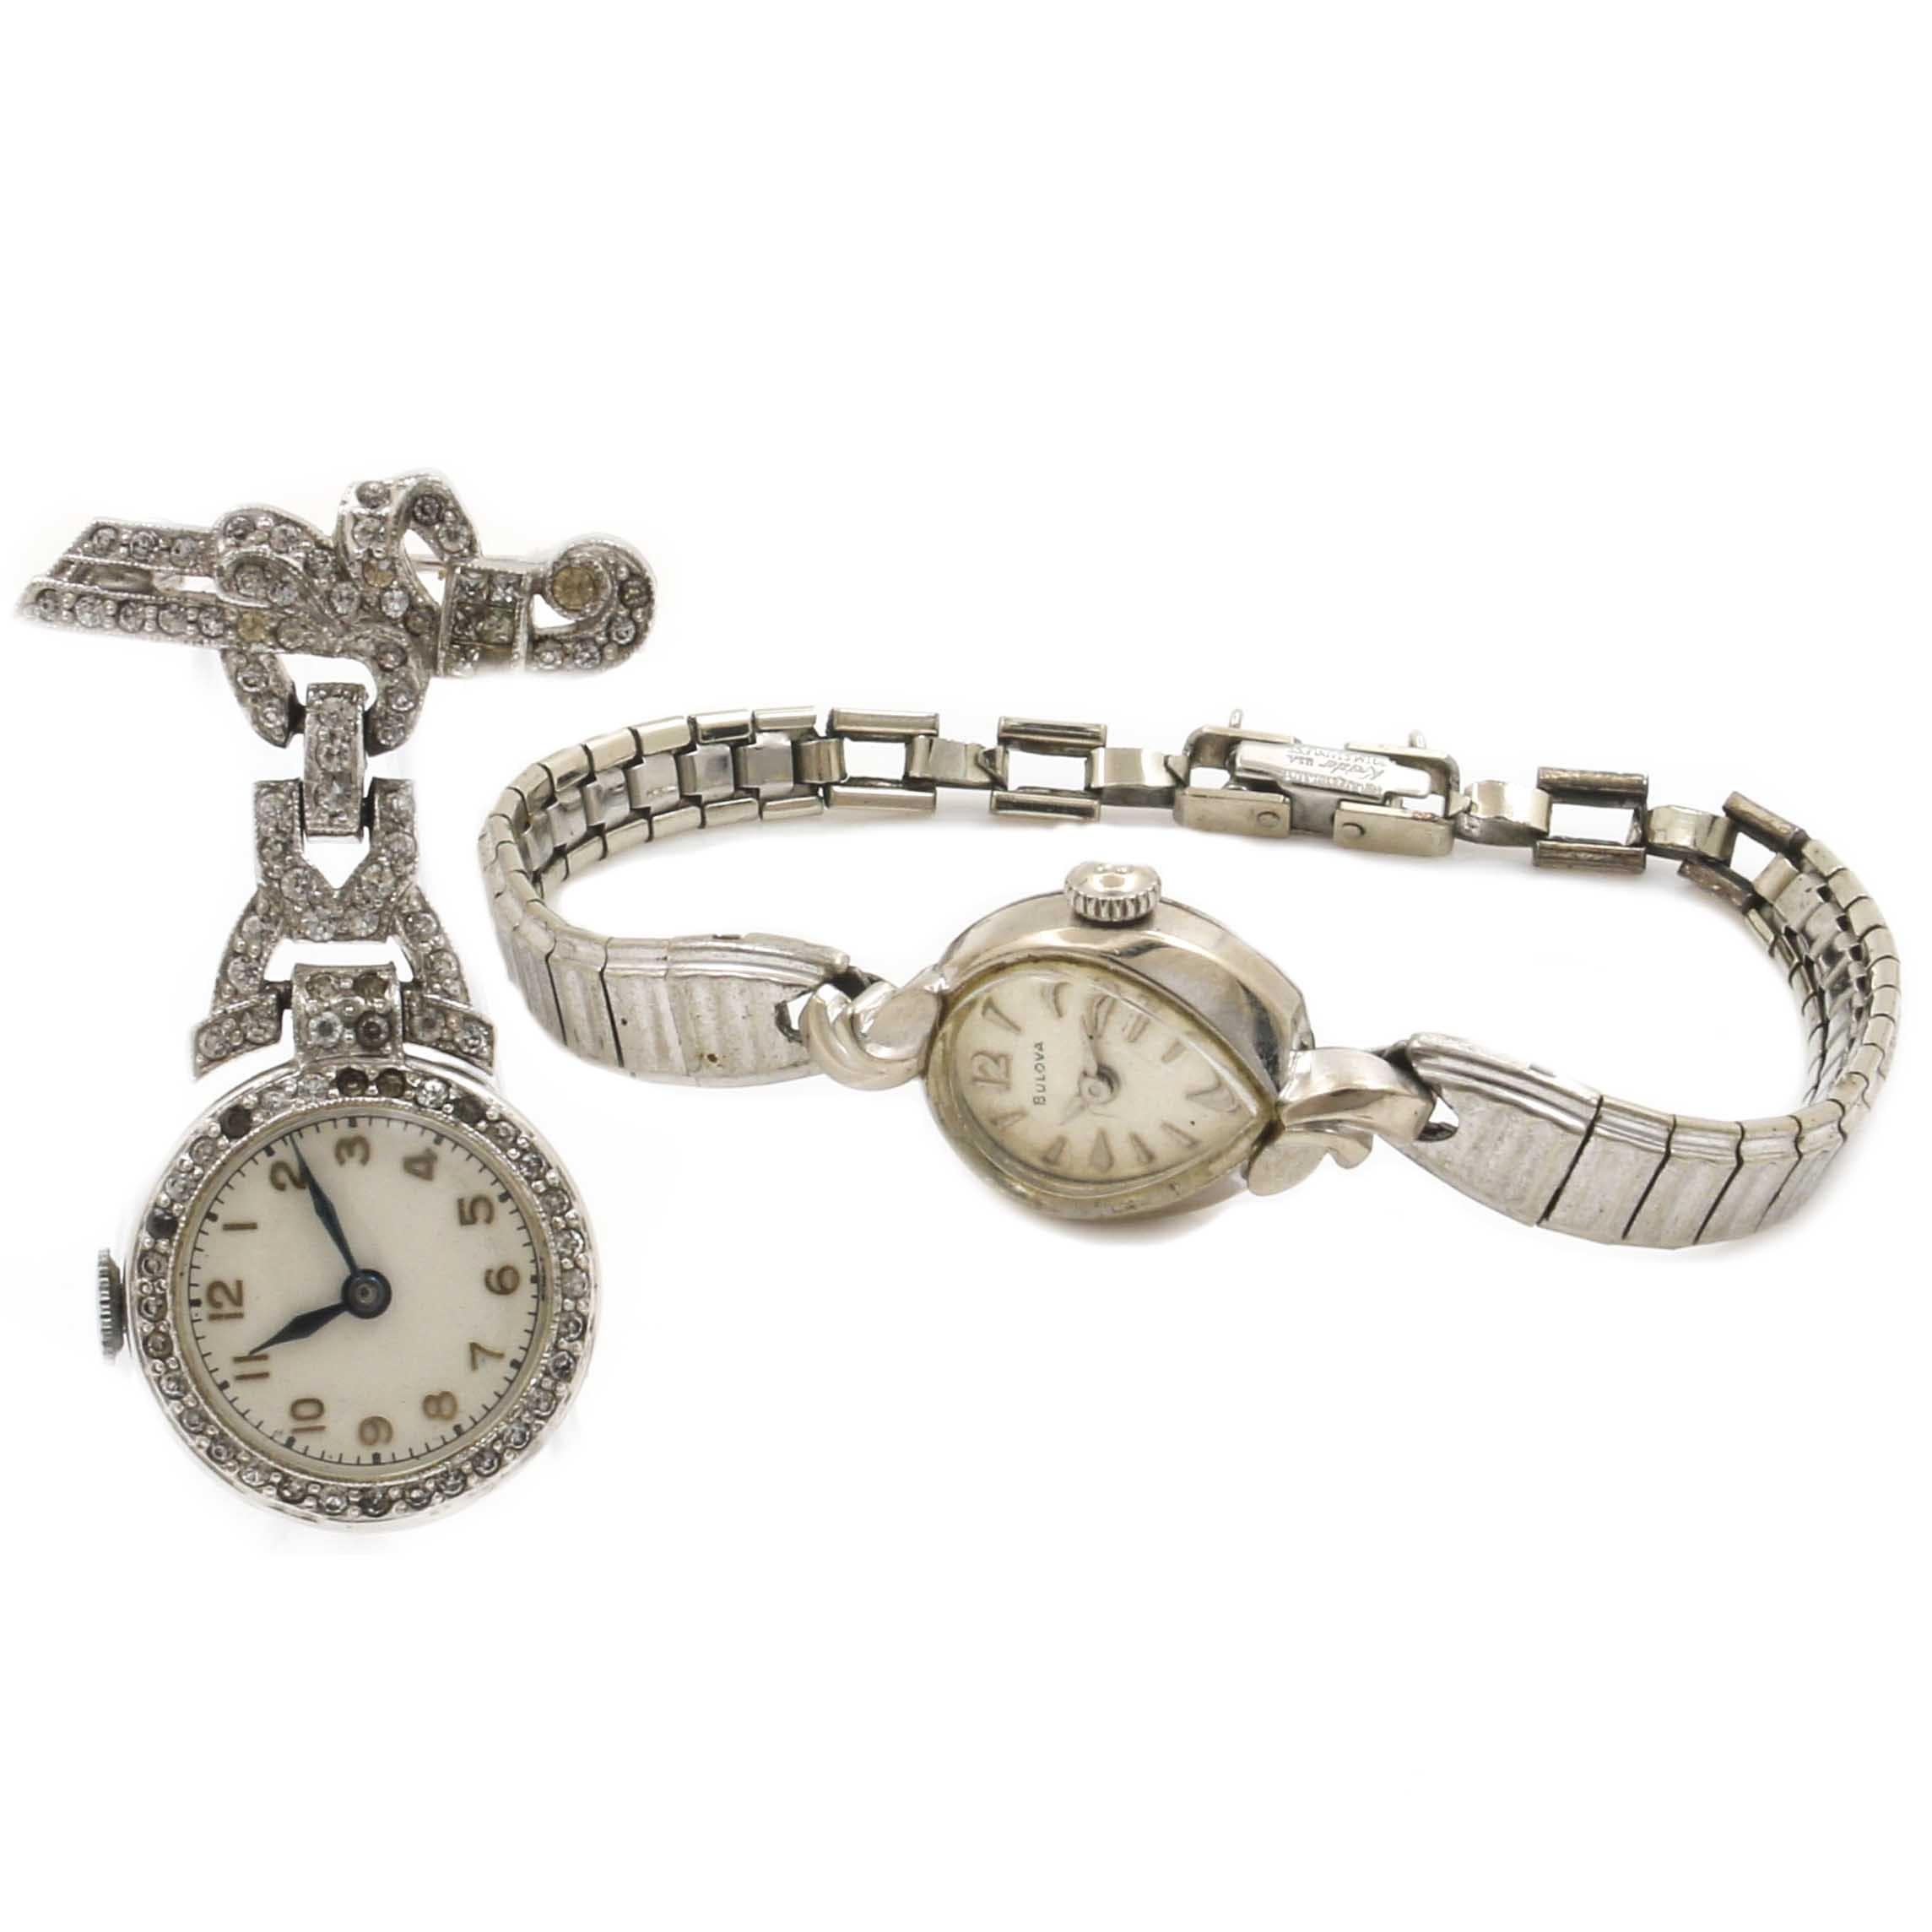 Bulova 10K Gold Plate Wristwatch and a Watch Pin